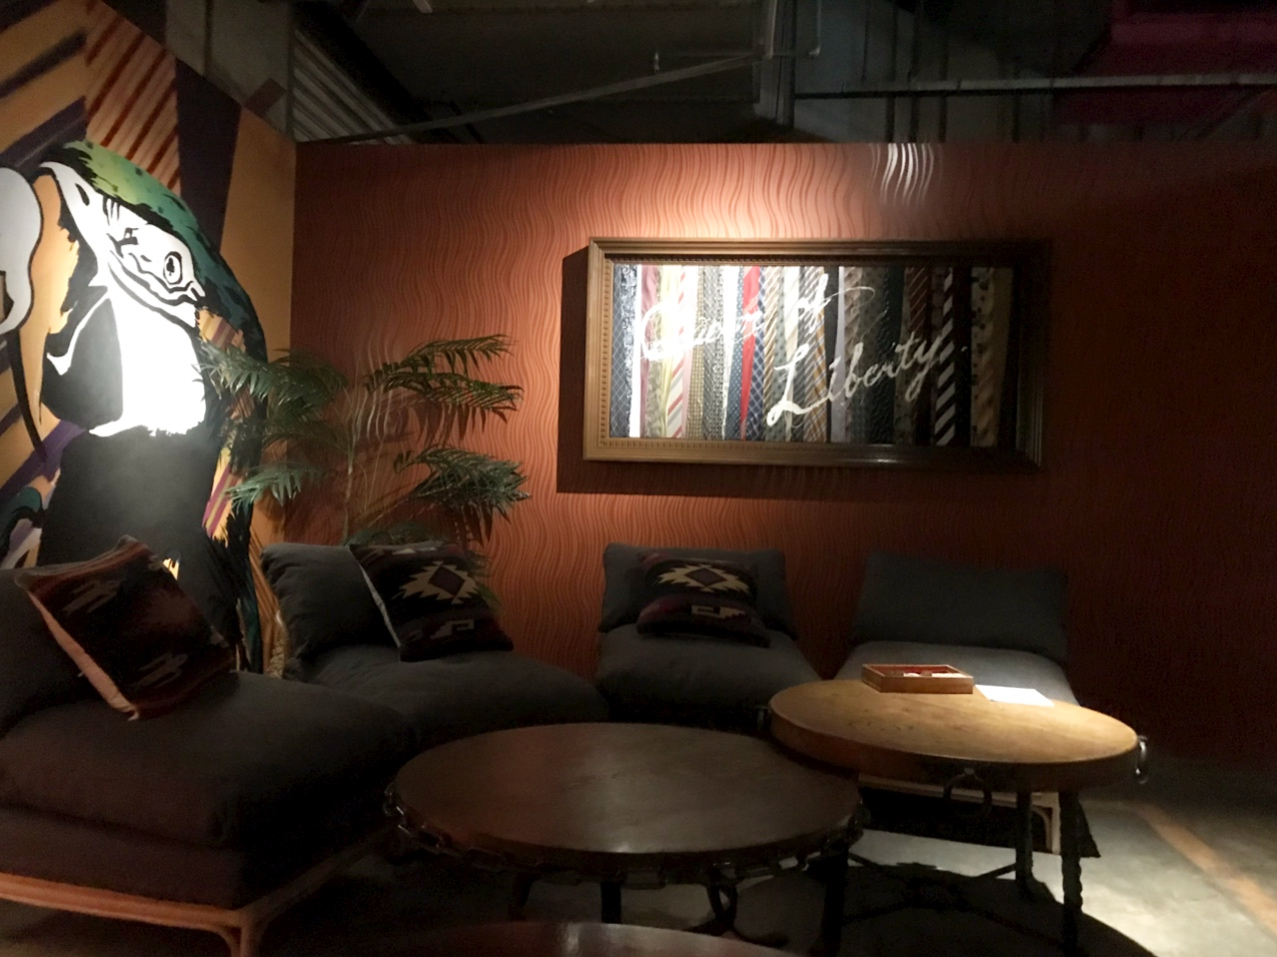 横浜駅直結『アソビル』特集 - 複合型体験エンターテインメントビル | 崎陽軒やせんべろの注目グルメ、うんこミュージアムも!_26